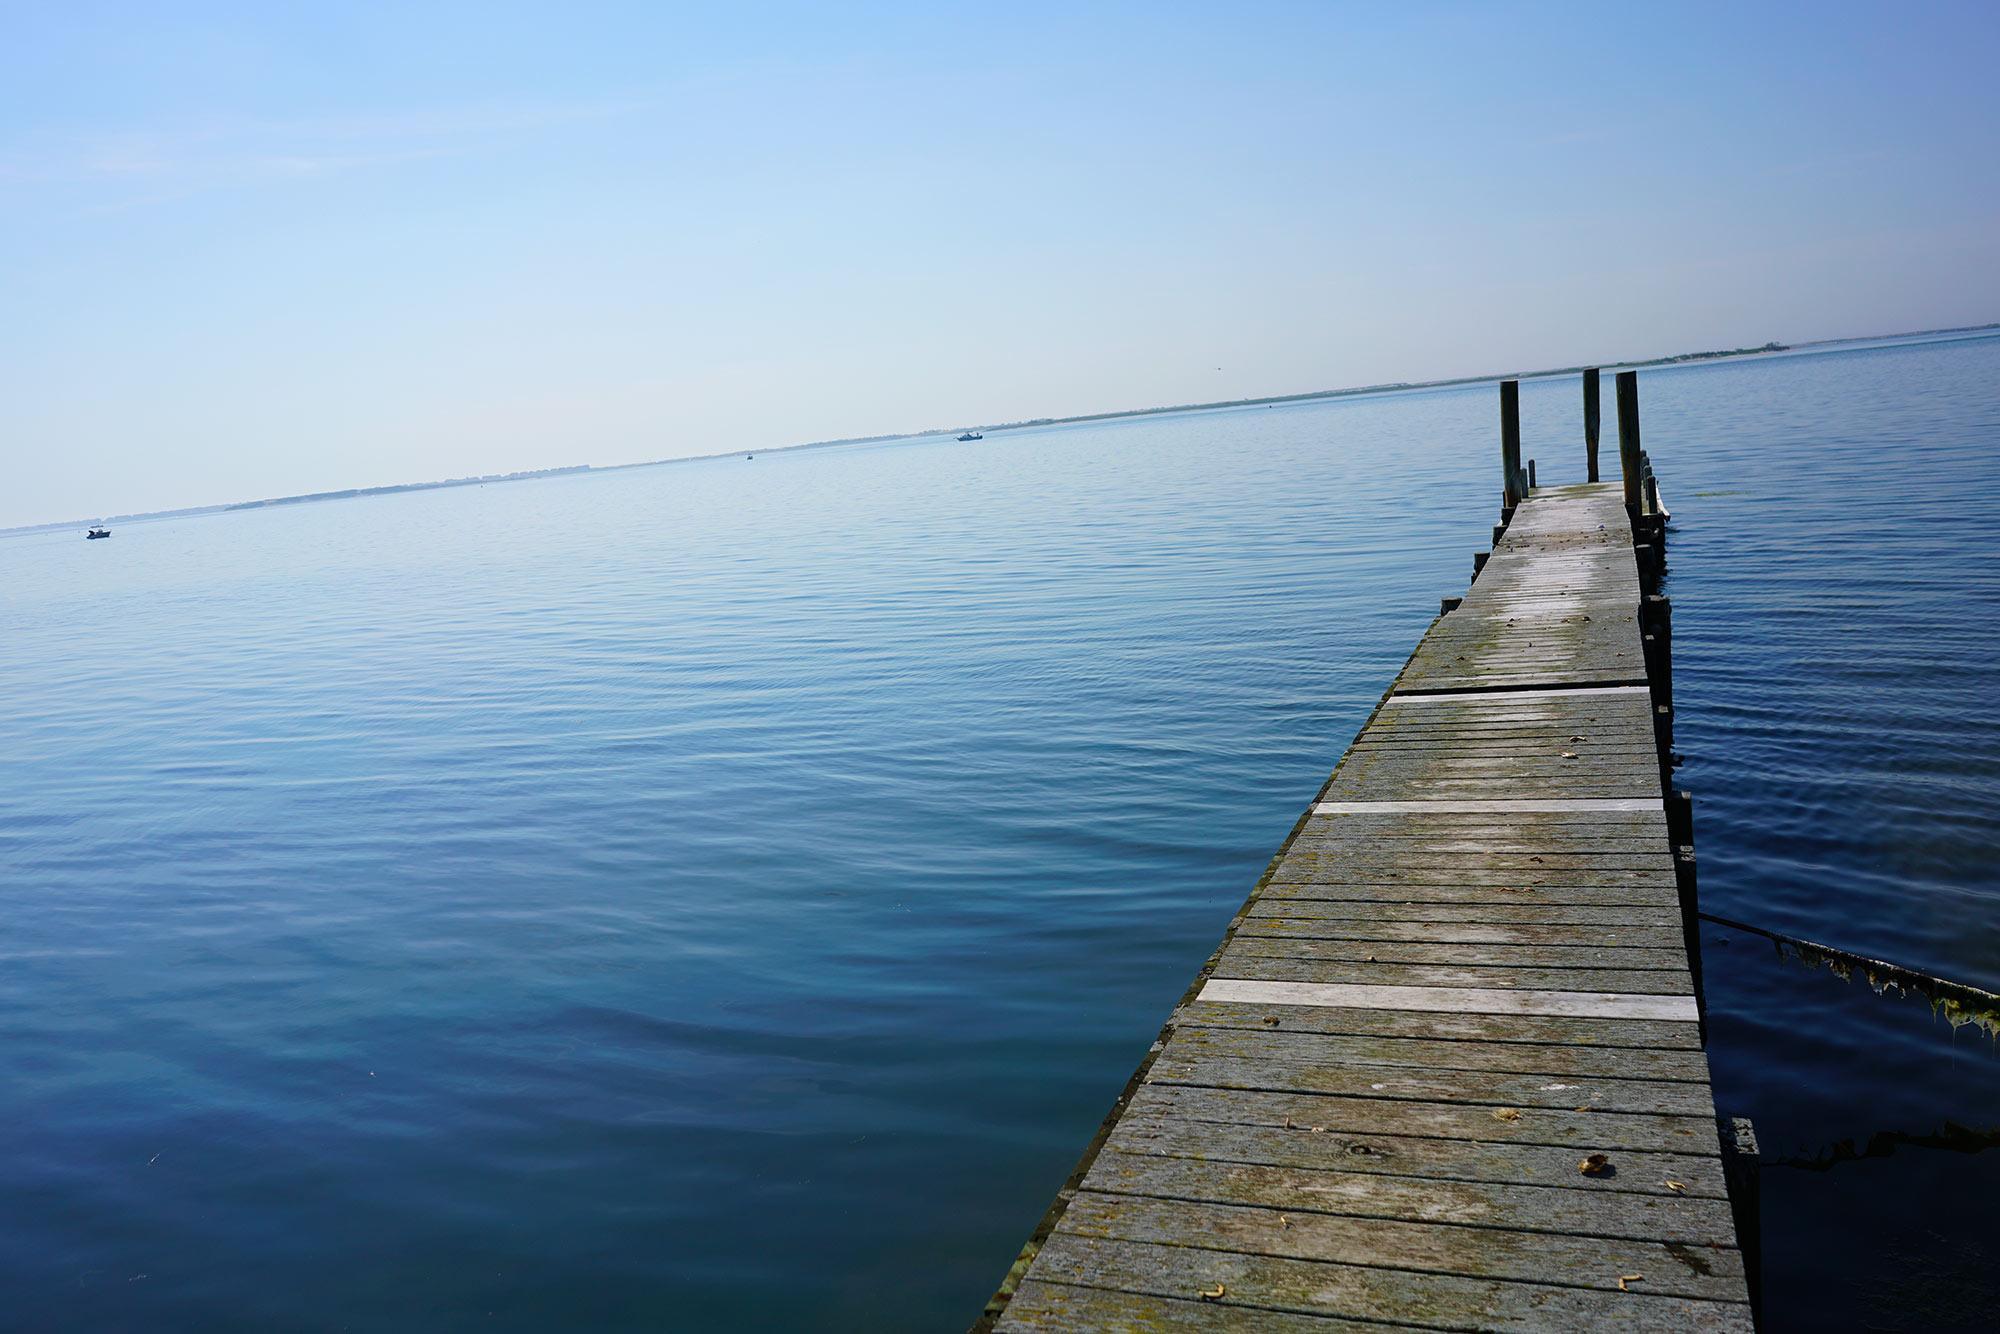 Moriches Bay, New York